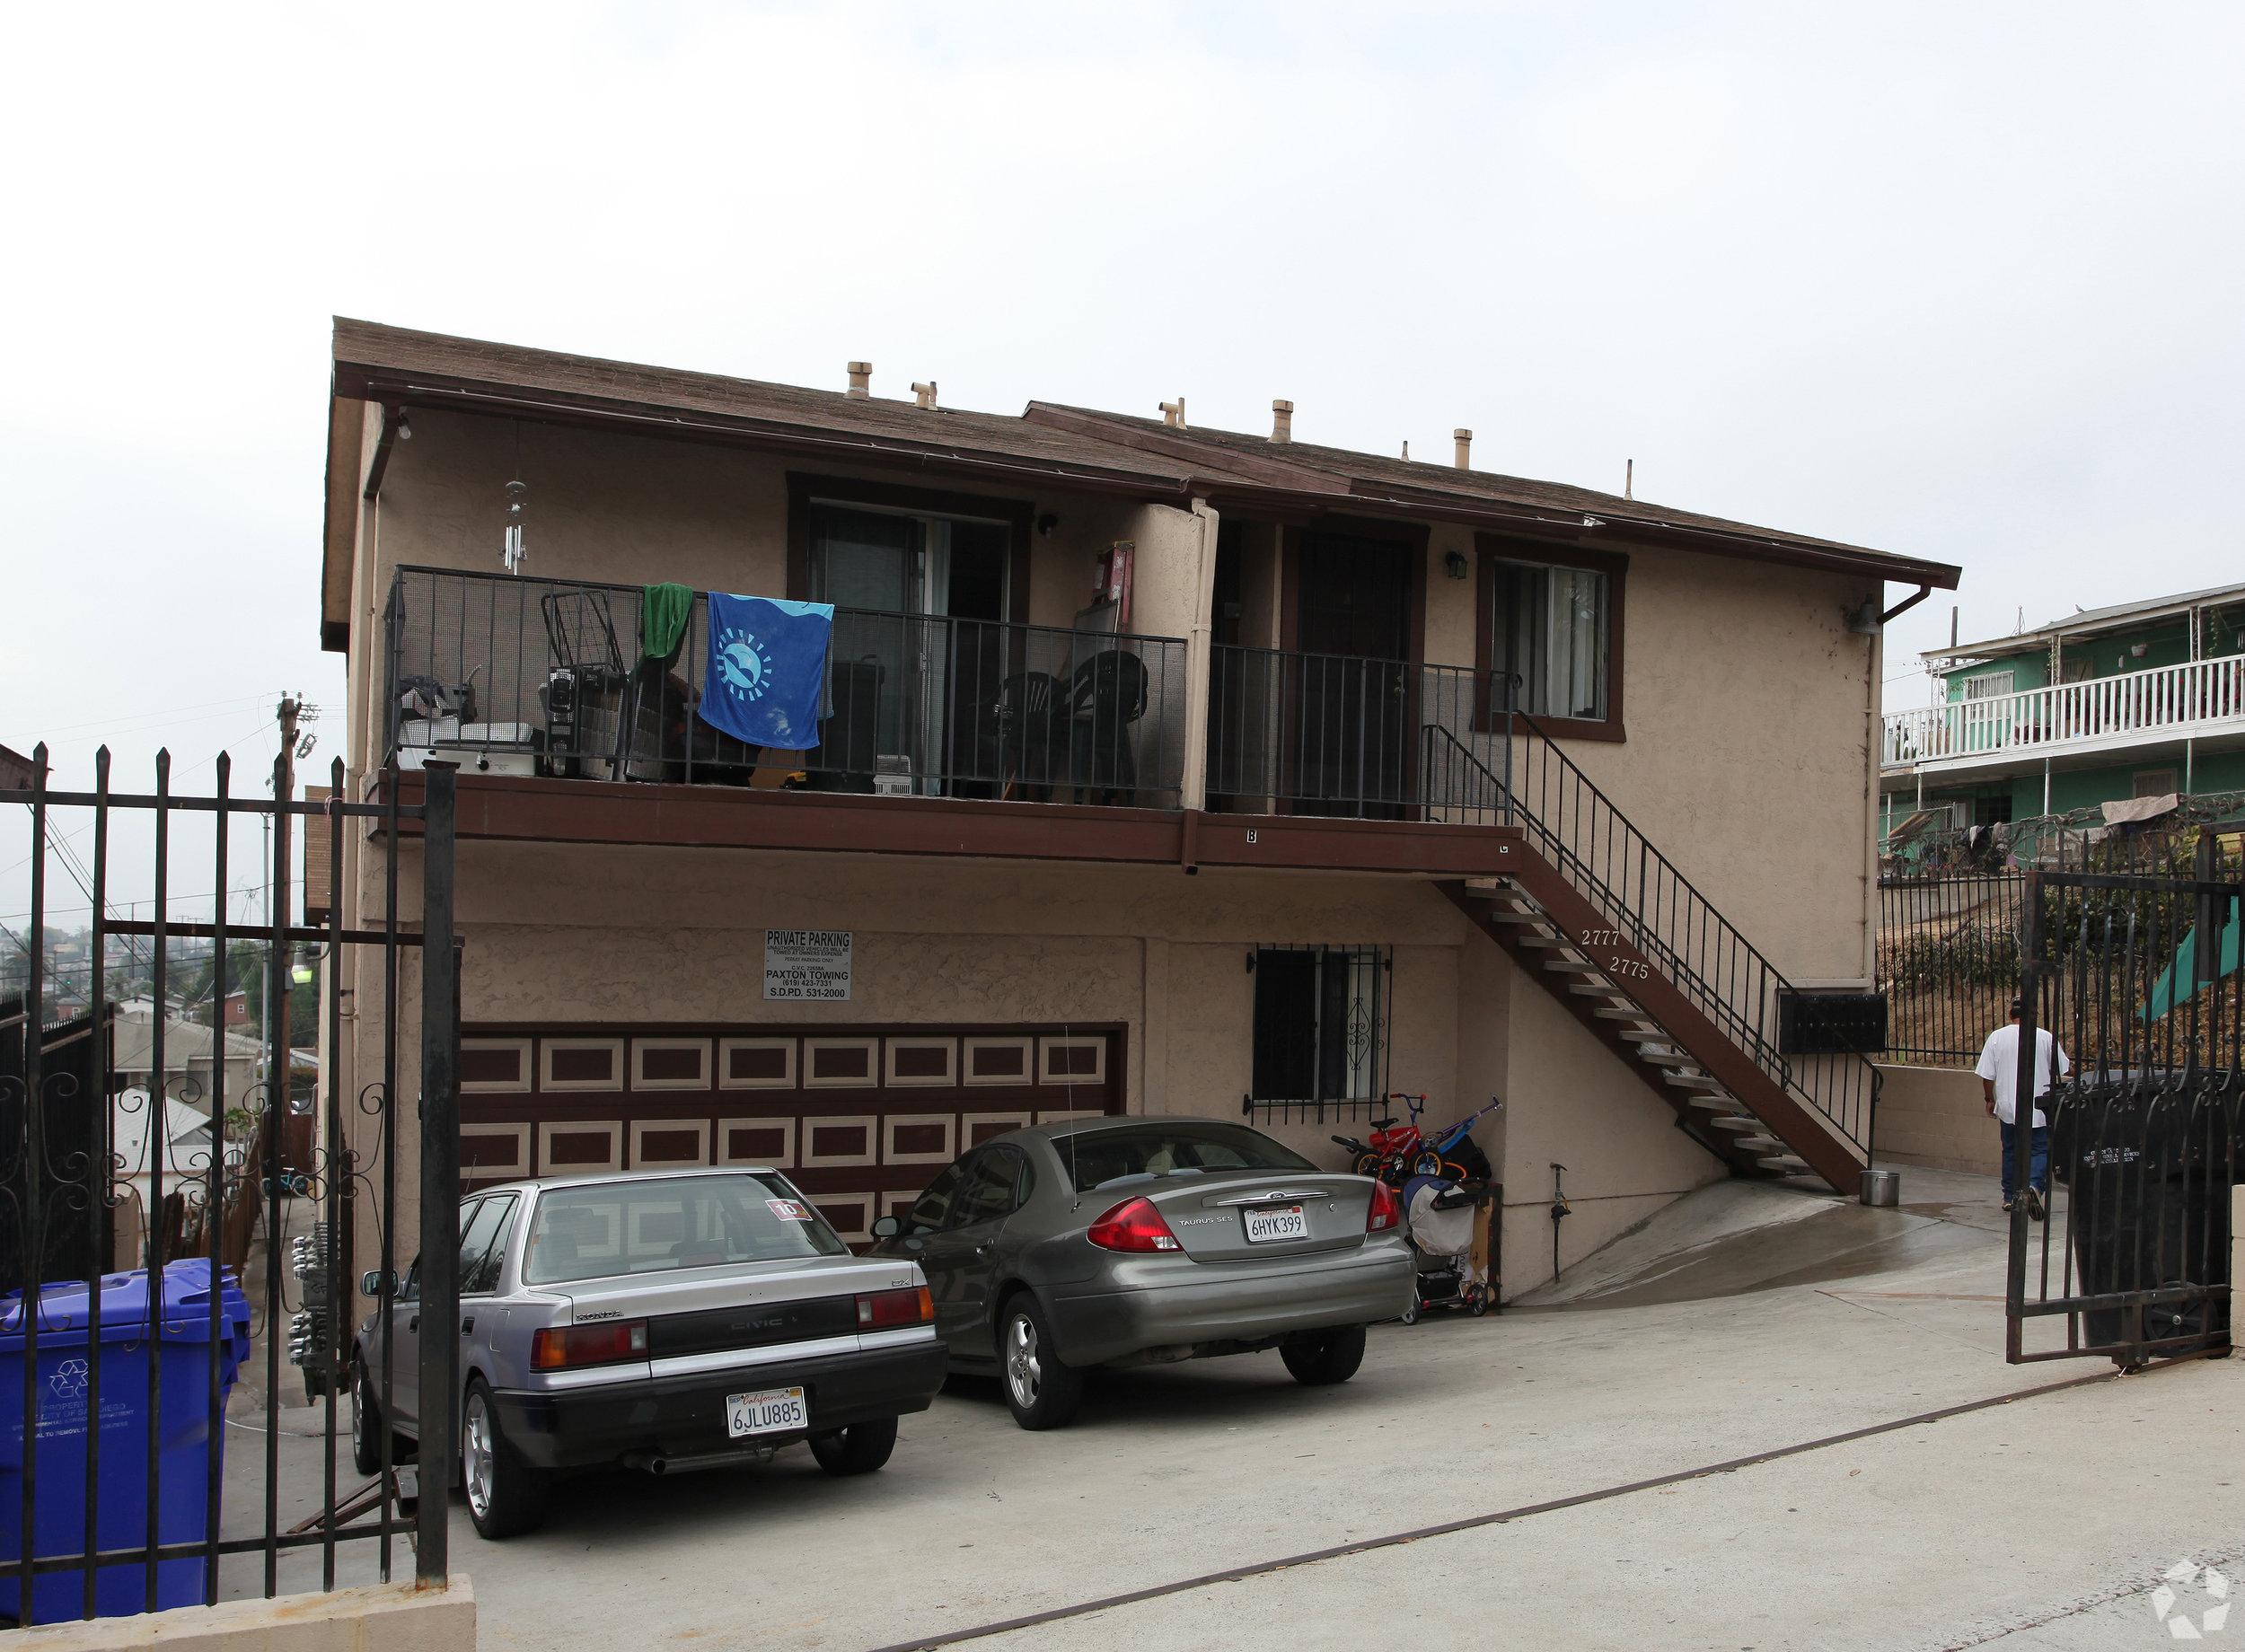 2775 Market Street - Grant Hill5 Units$1,100,000